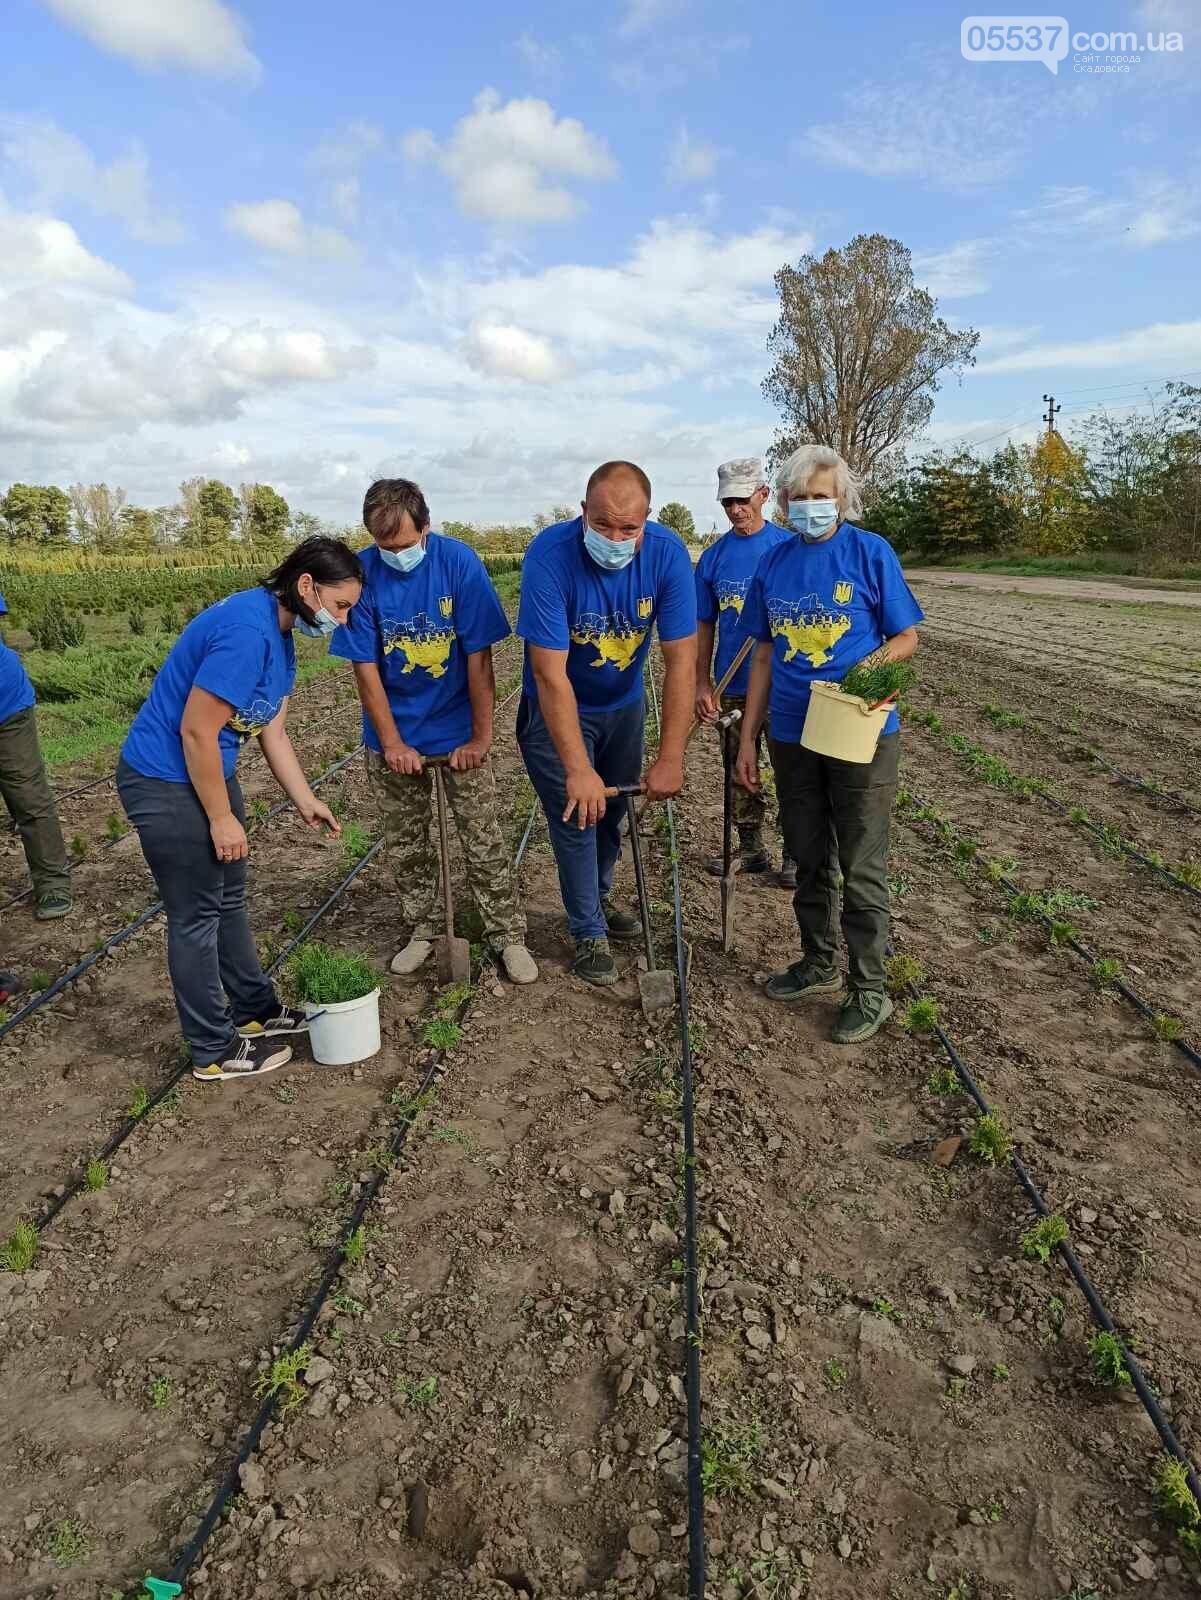 В Скадовске также присоединились к масштабной акции по озеленению, фото-1